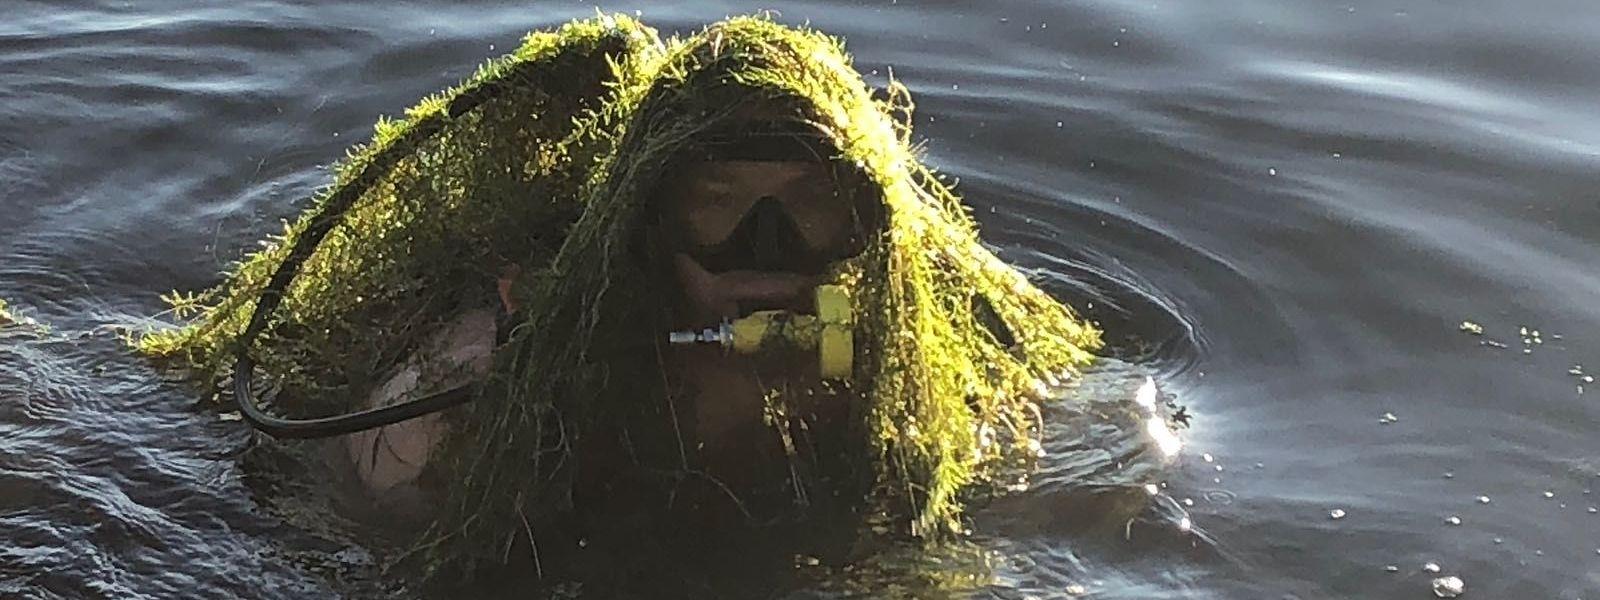 """Um dos mergulhadores do Corpo Grão-Ducal de Incêndio e Segurança, coberto de """"wasserpest"""", a planta que infesta o lago de Remerschen. A foto foi tirada em 29 de julho, durante o resgate do corpo de um búlgaro de 53 anos do lago onde um mês antes morreu o rapper português Puto G."""